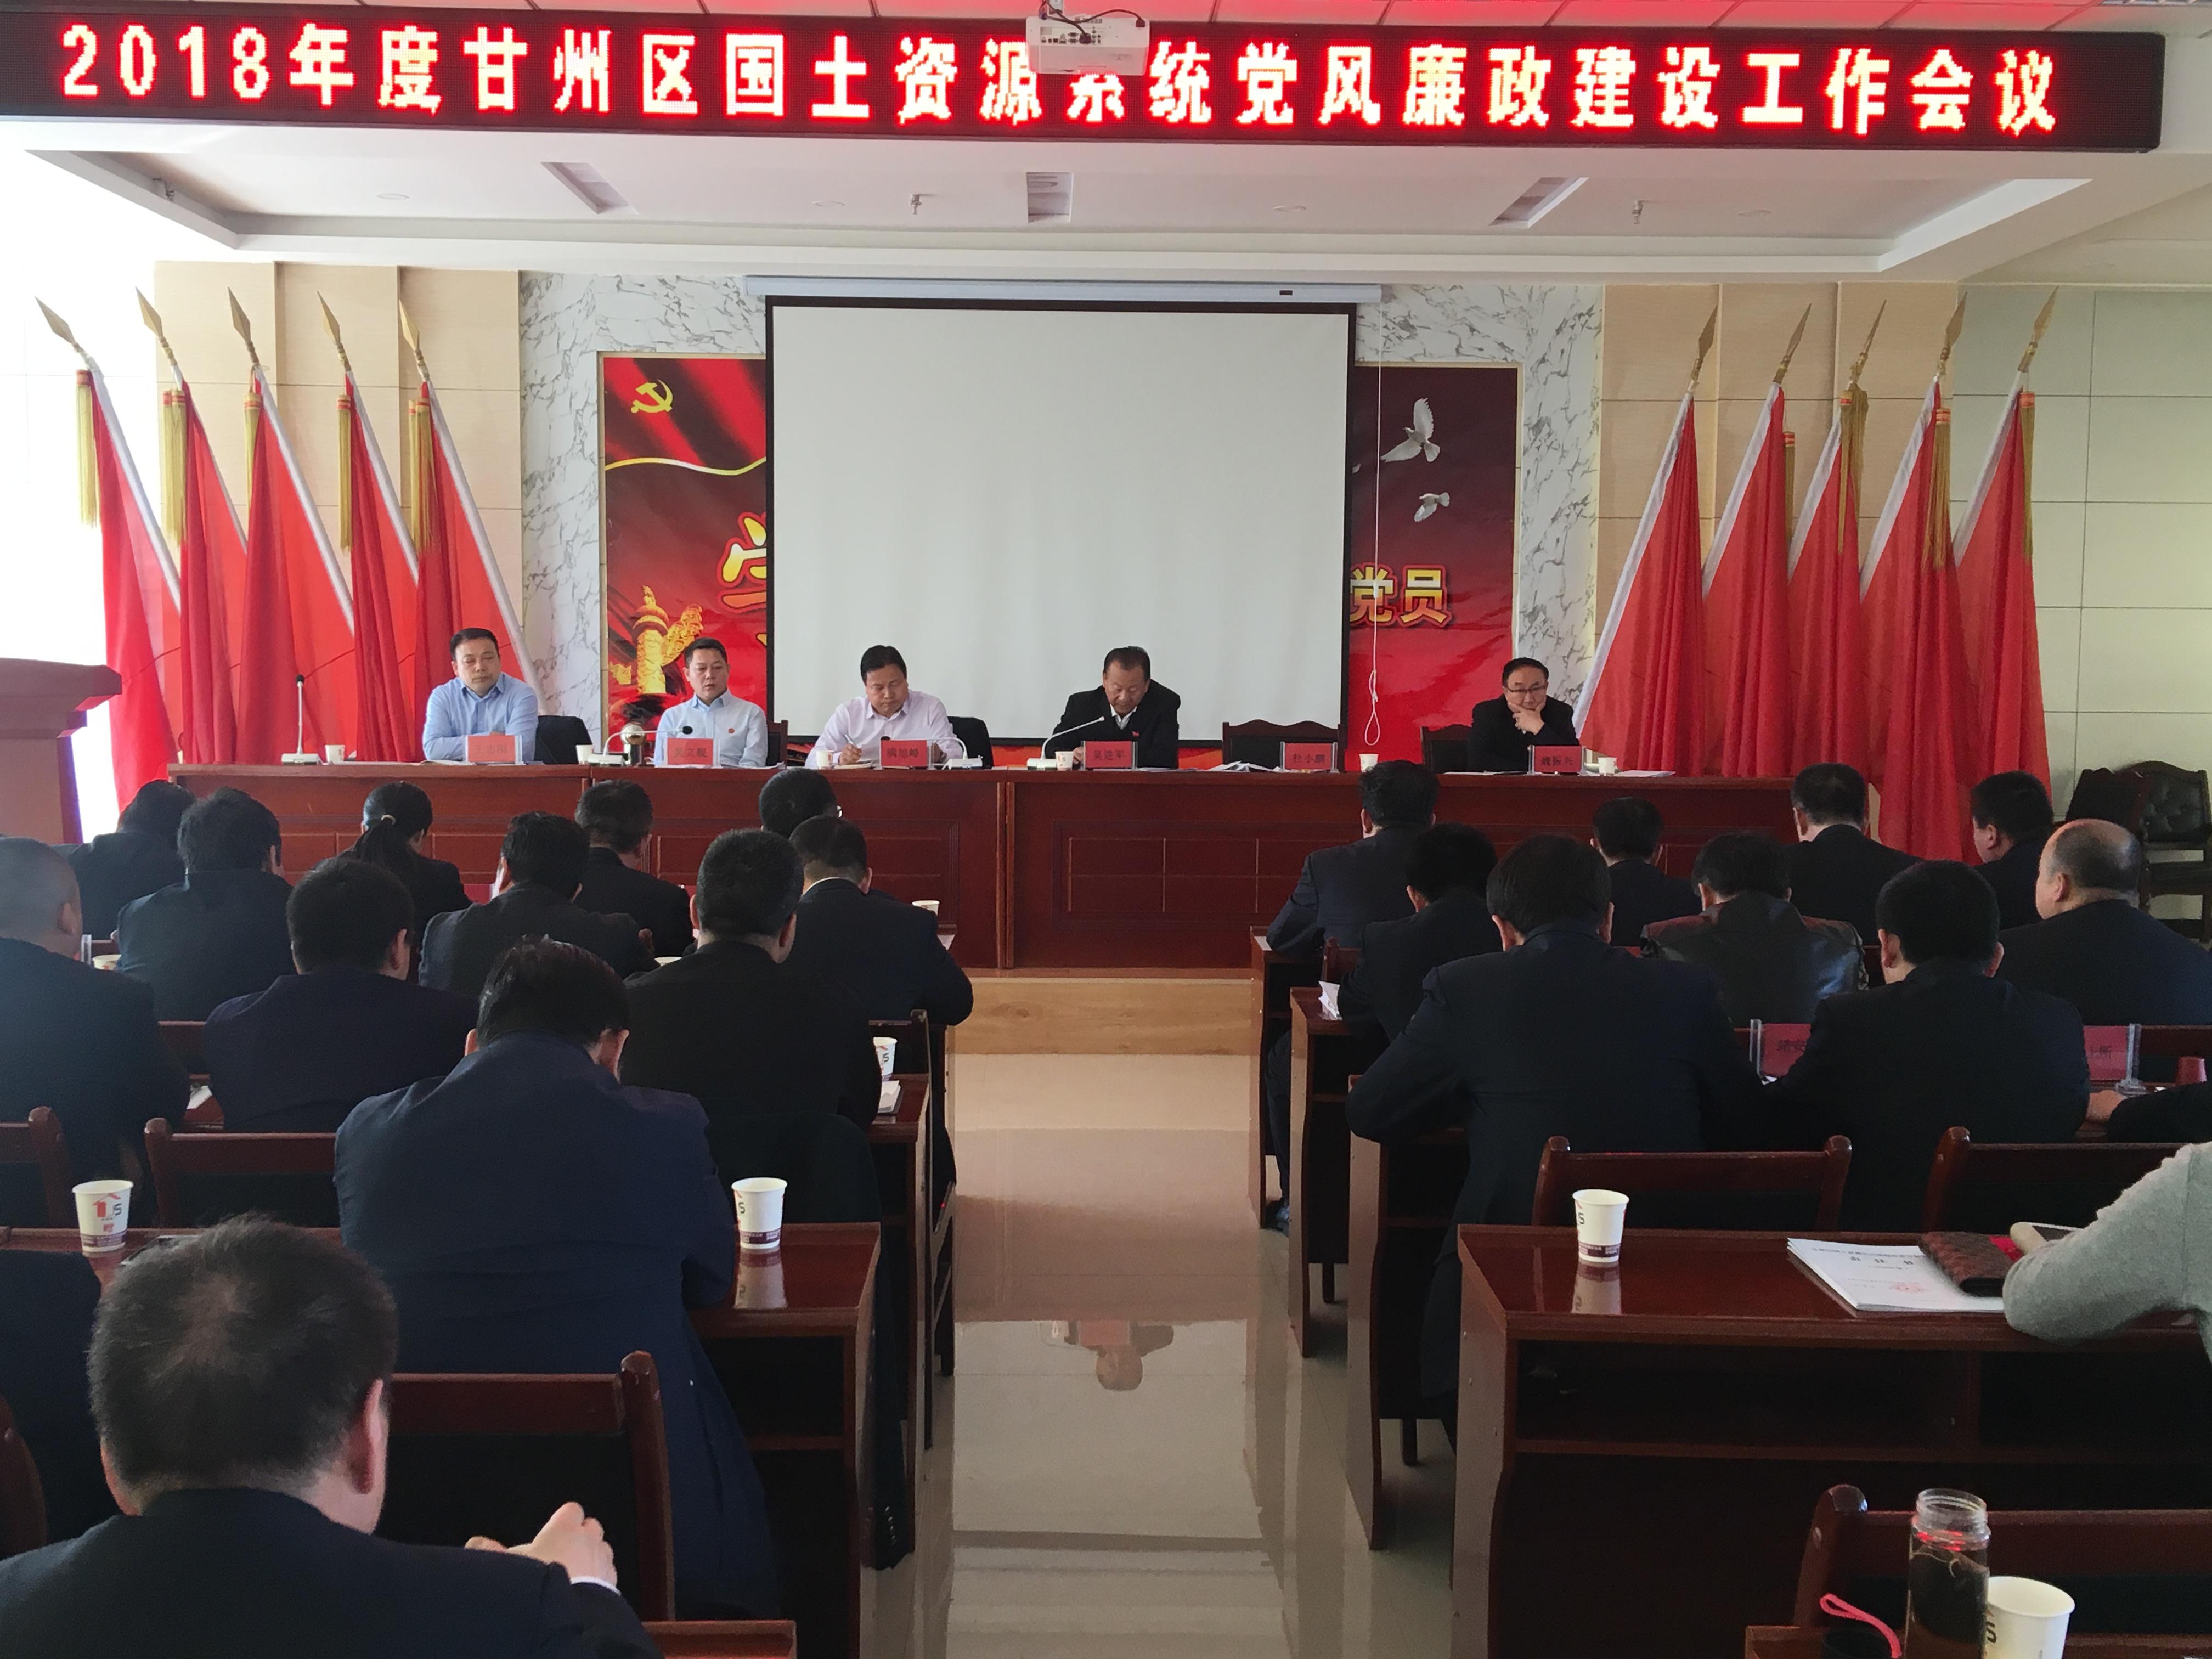 甘州区国土资源局召开2018年度全区国土资源系统党风廉政建设工作会议